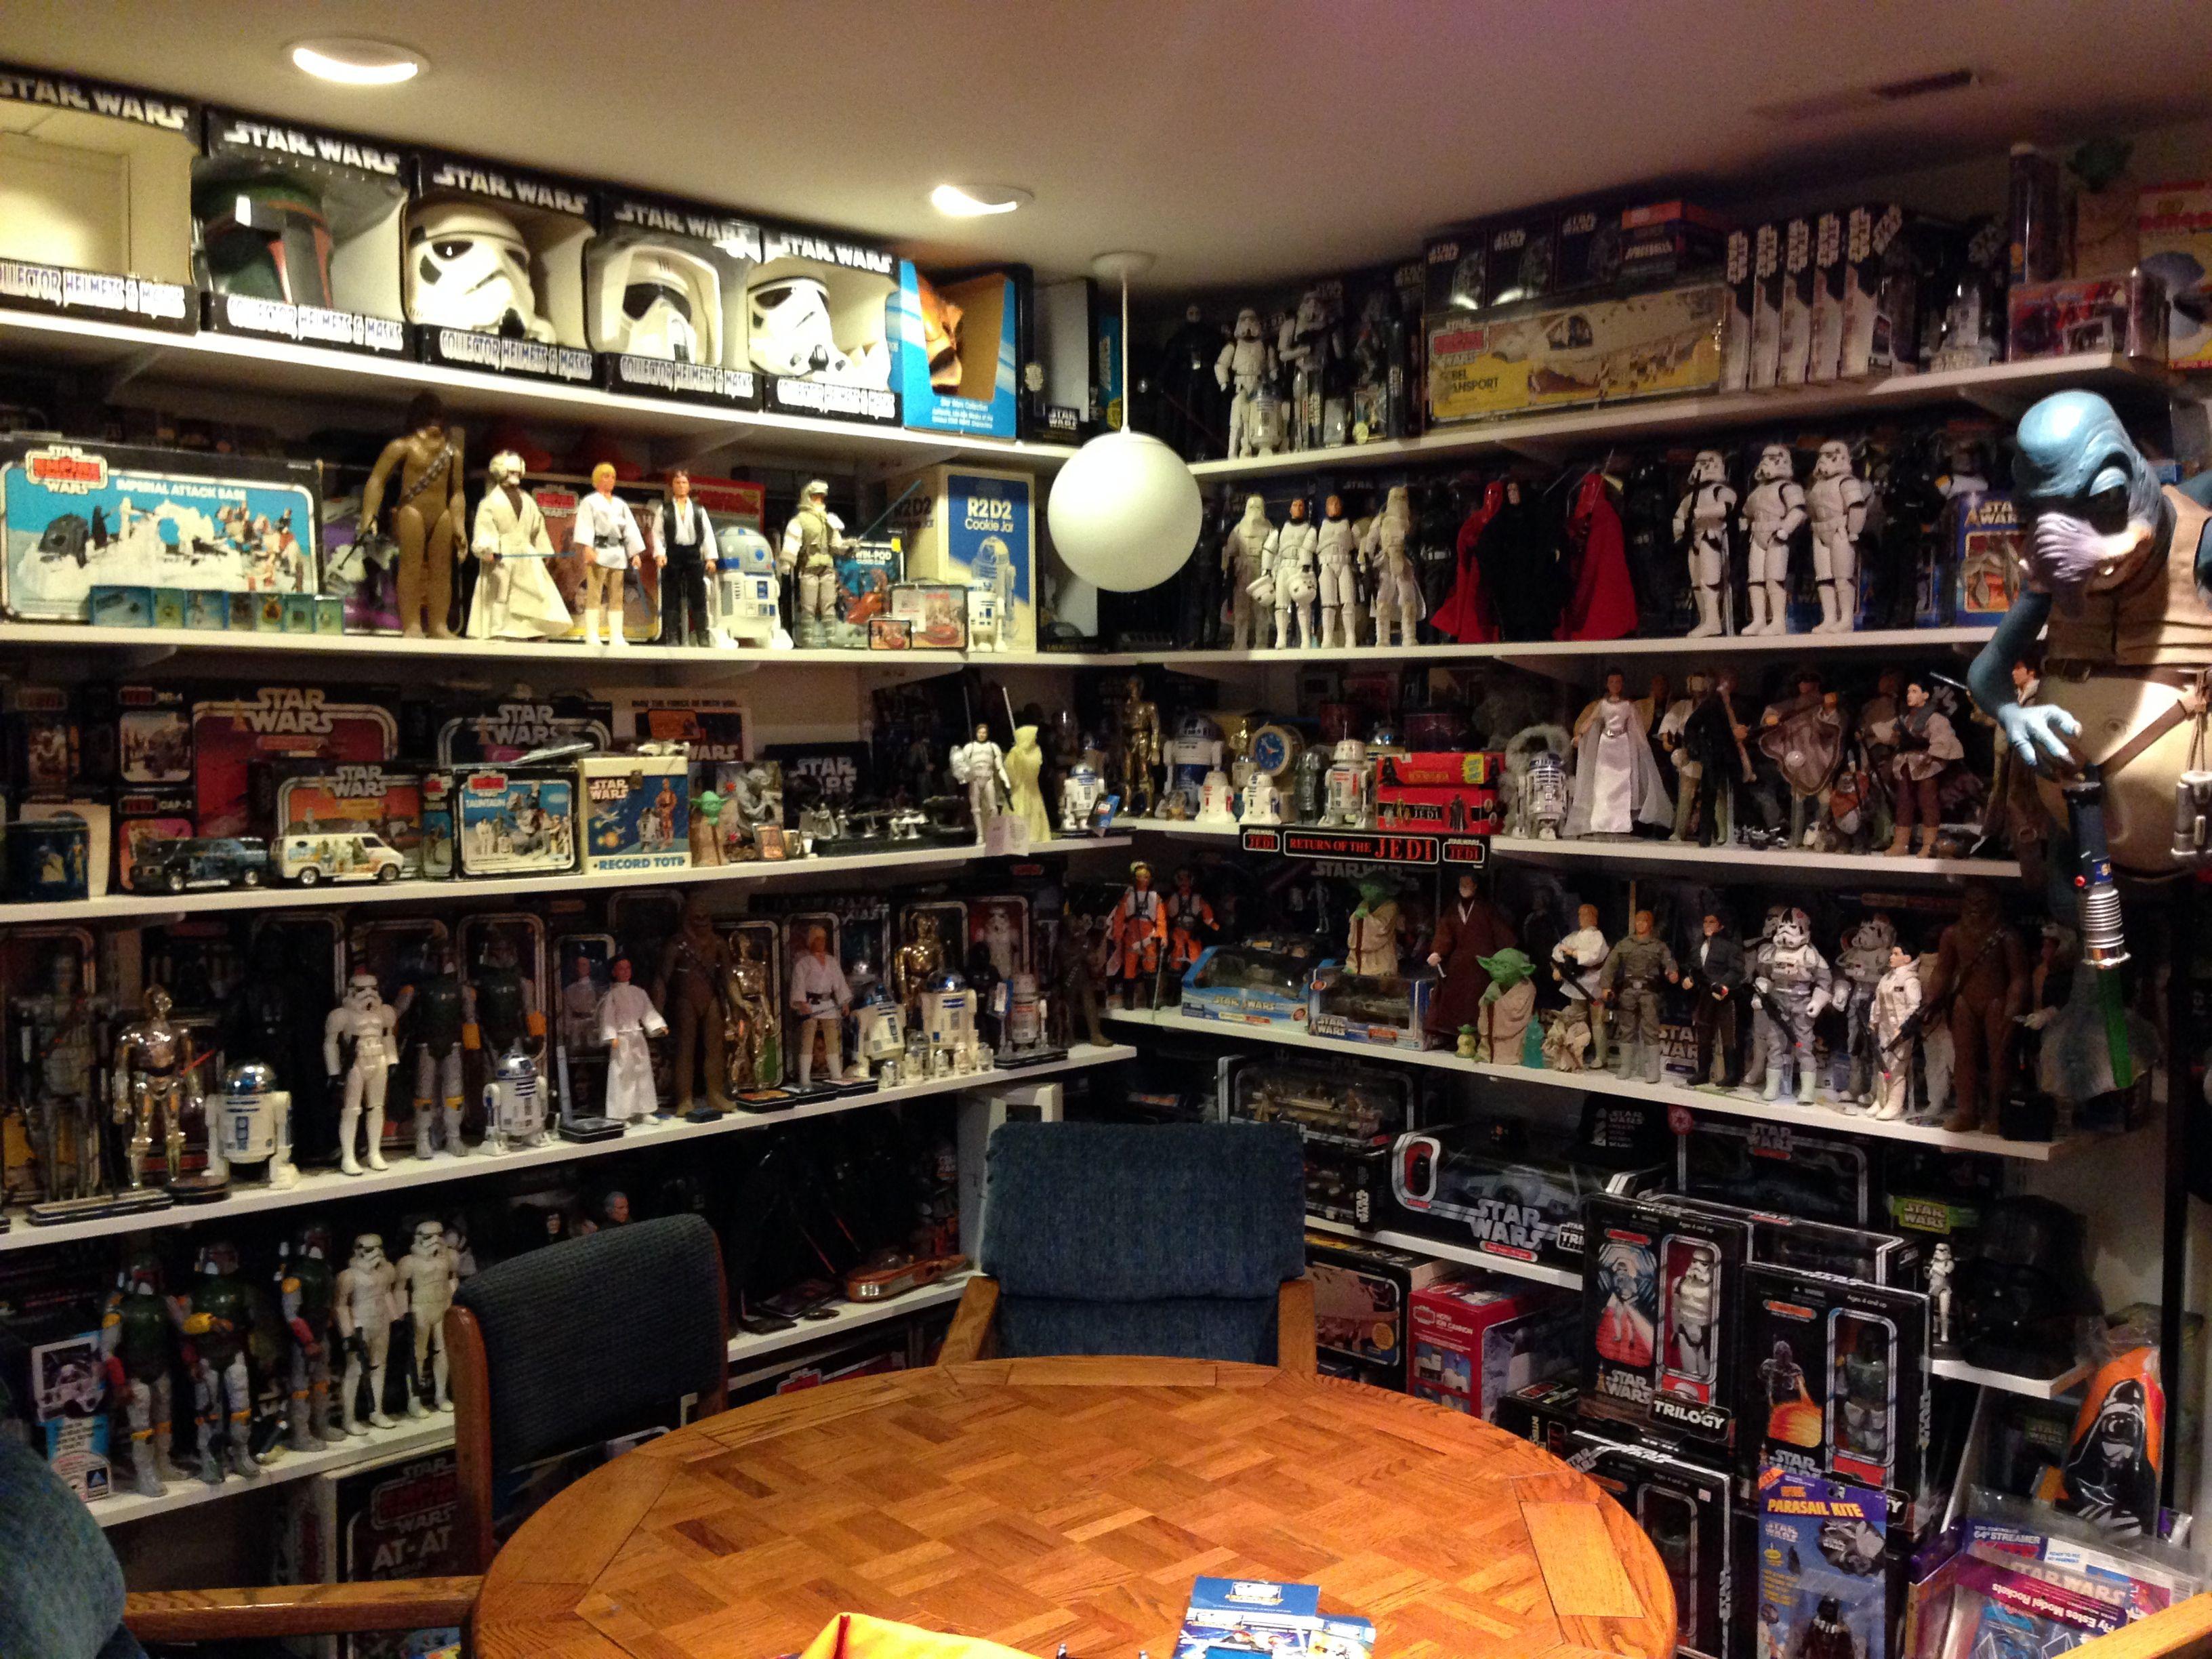 star wars collection display - Google zoeken